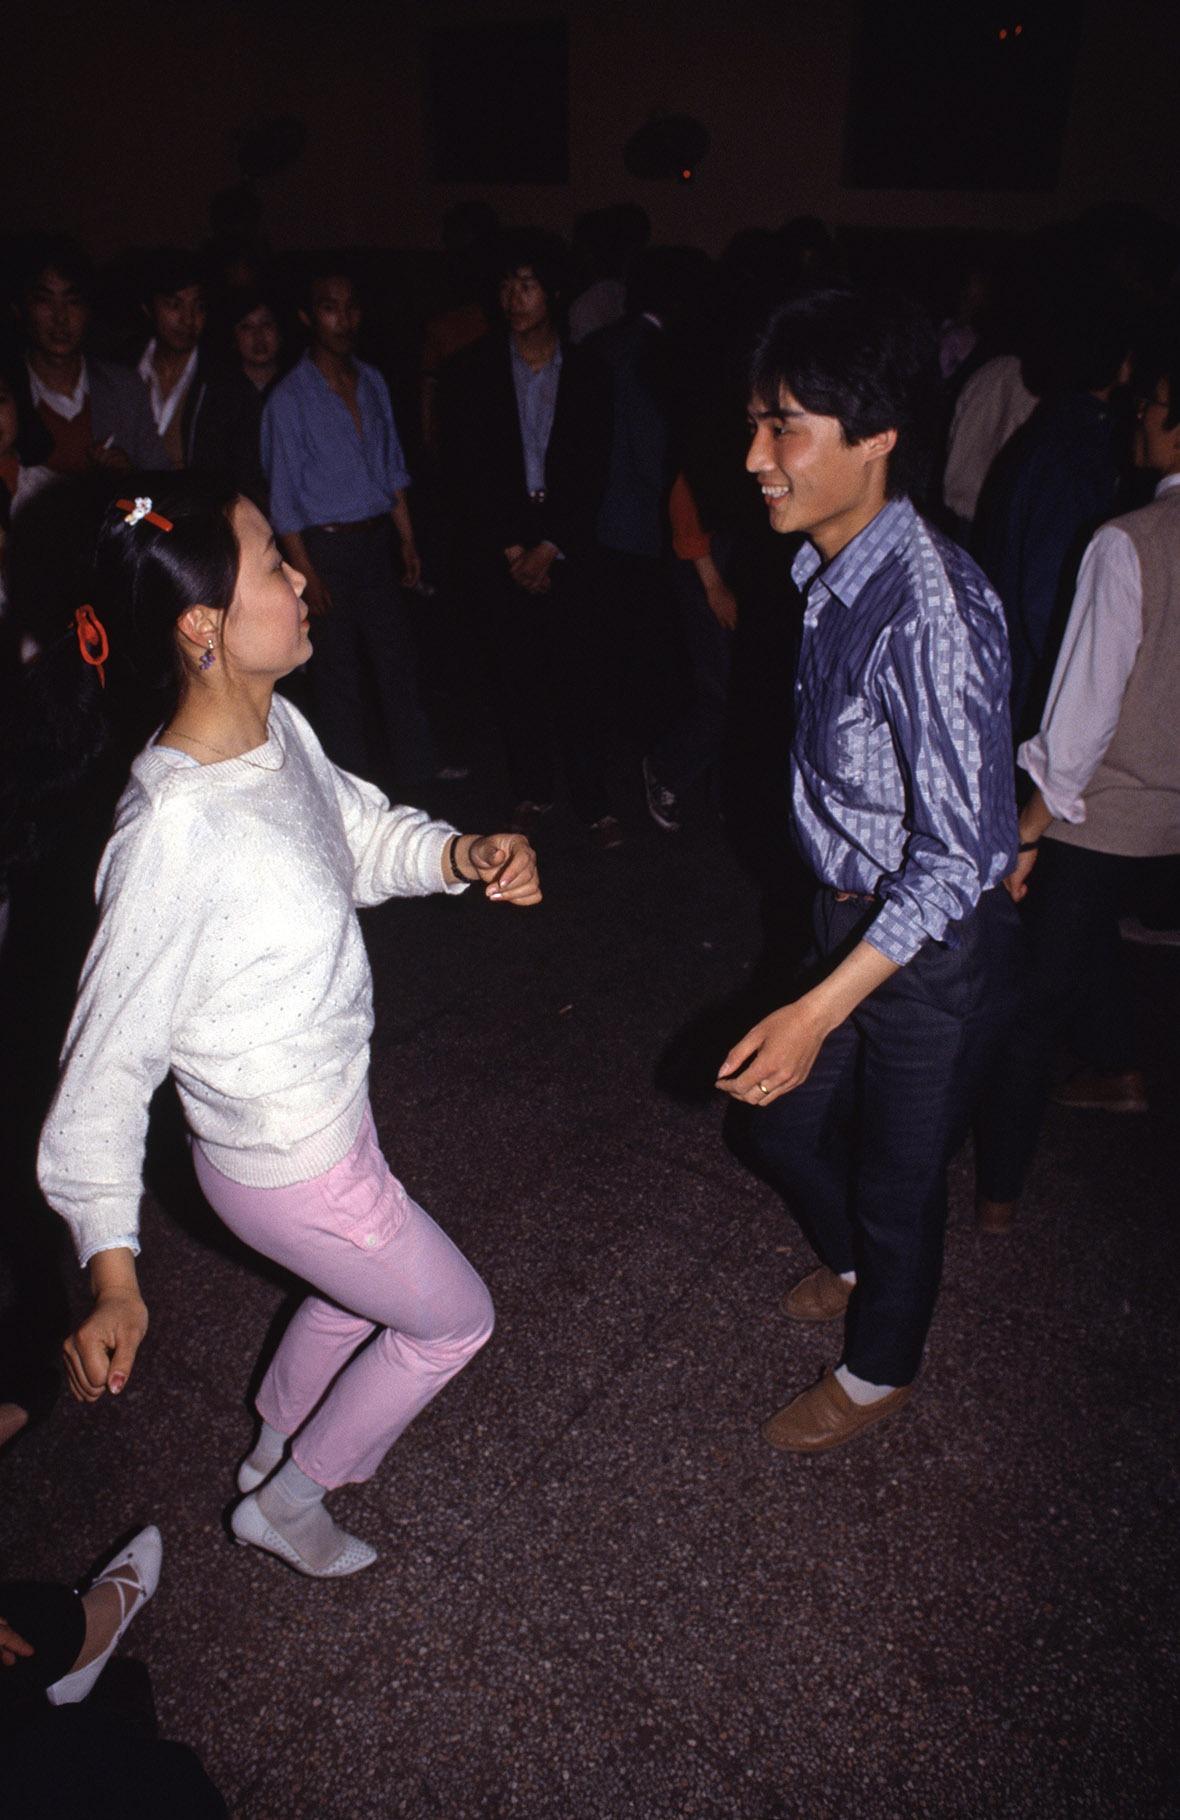 1987年蘇州,兩名年輕人在夜店愉快起舞。